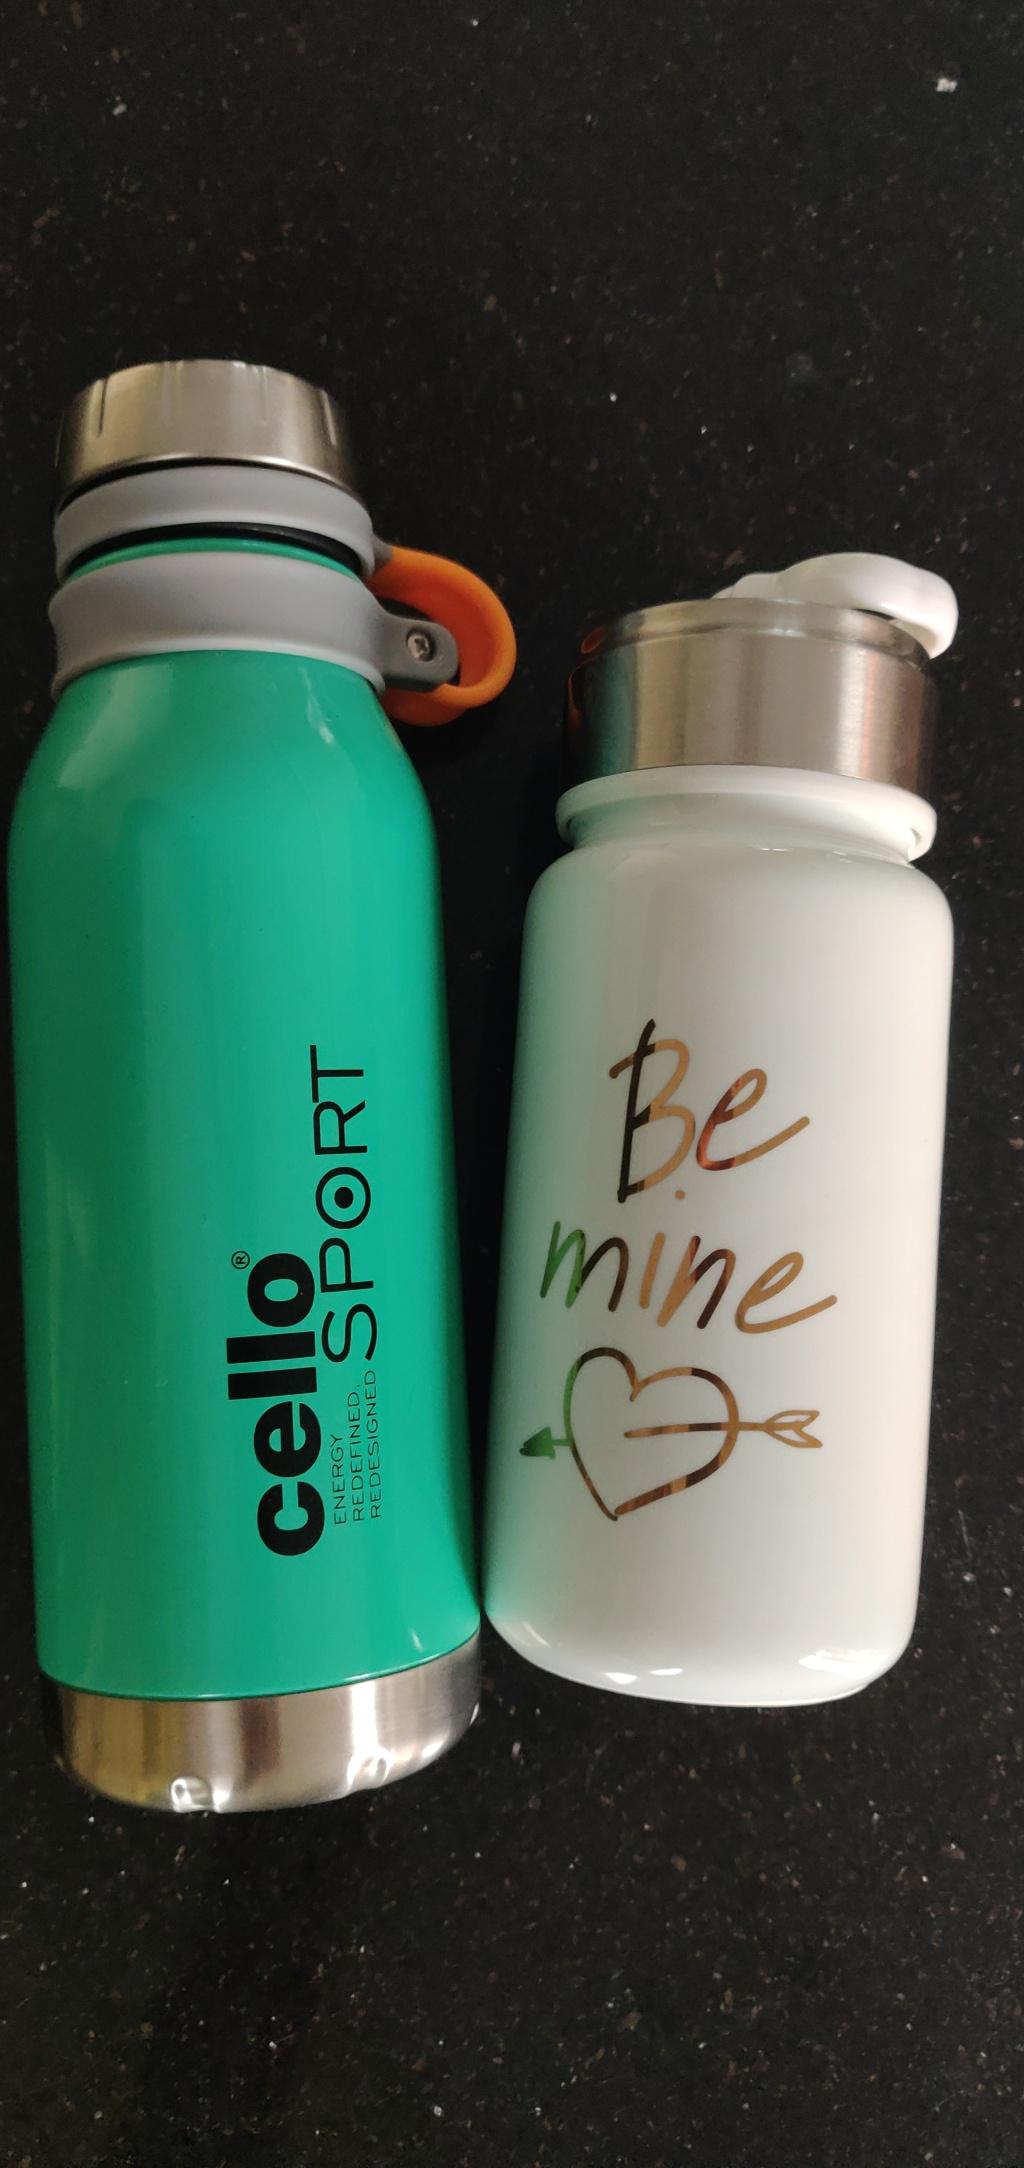 इस नवरात्रि करें ये 9 काम।  No Plastic Navratri #noplasticnavratri . प्लास्टिक की बोतल में पानी रखने की   फिर कांच स्टील या मटकी, बोतल या सुराही में हम पानी रख सकते हैं। आजकल मार्केट में और भी कई  तरह की बोतलें उपलब्ध है।